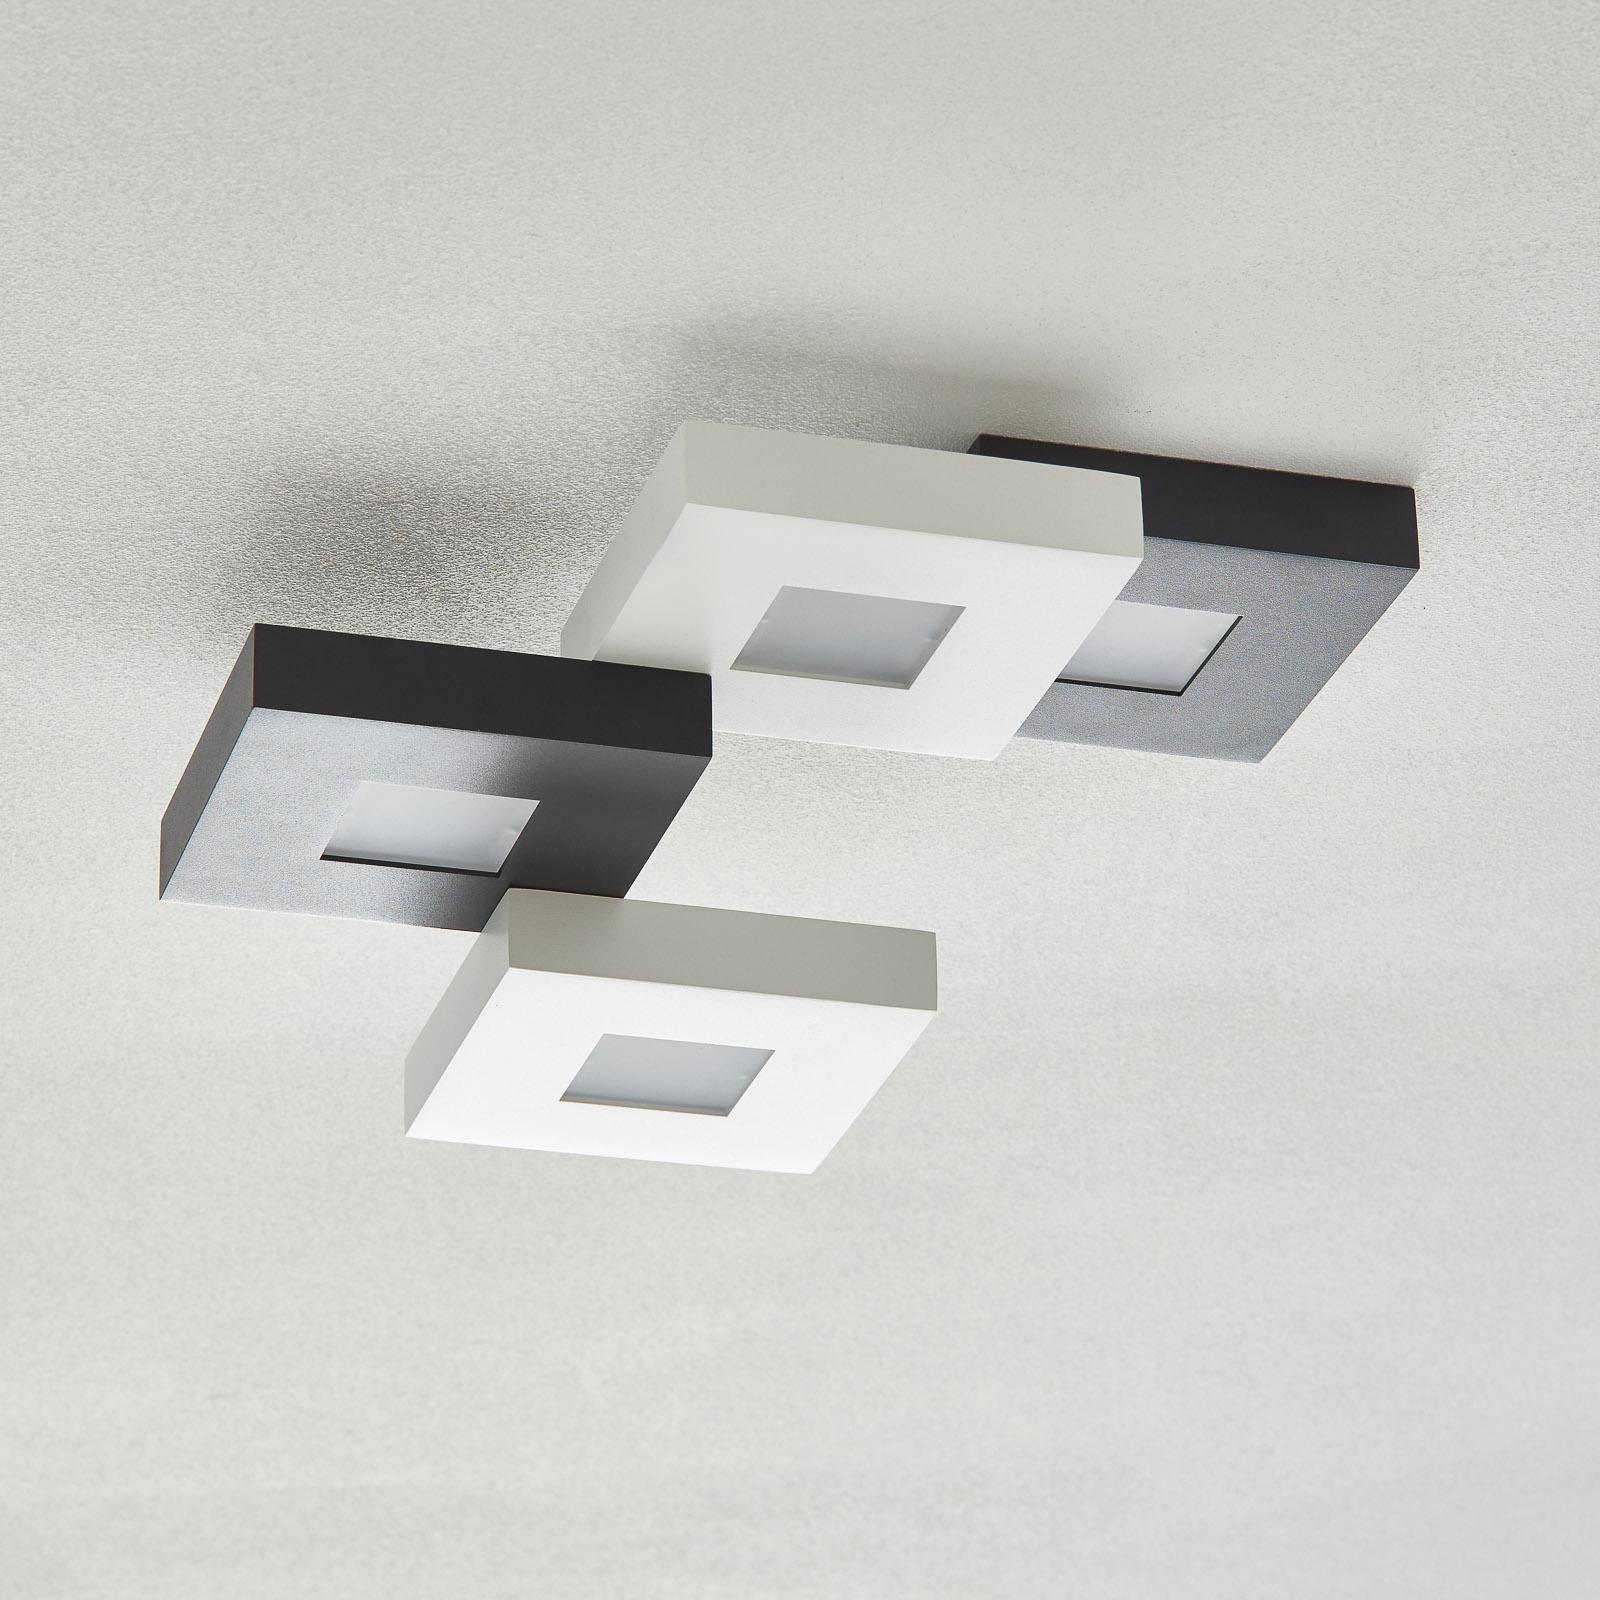 Cubus - LED-loftslampe i sort og hvid, 4 lysk.